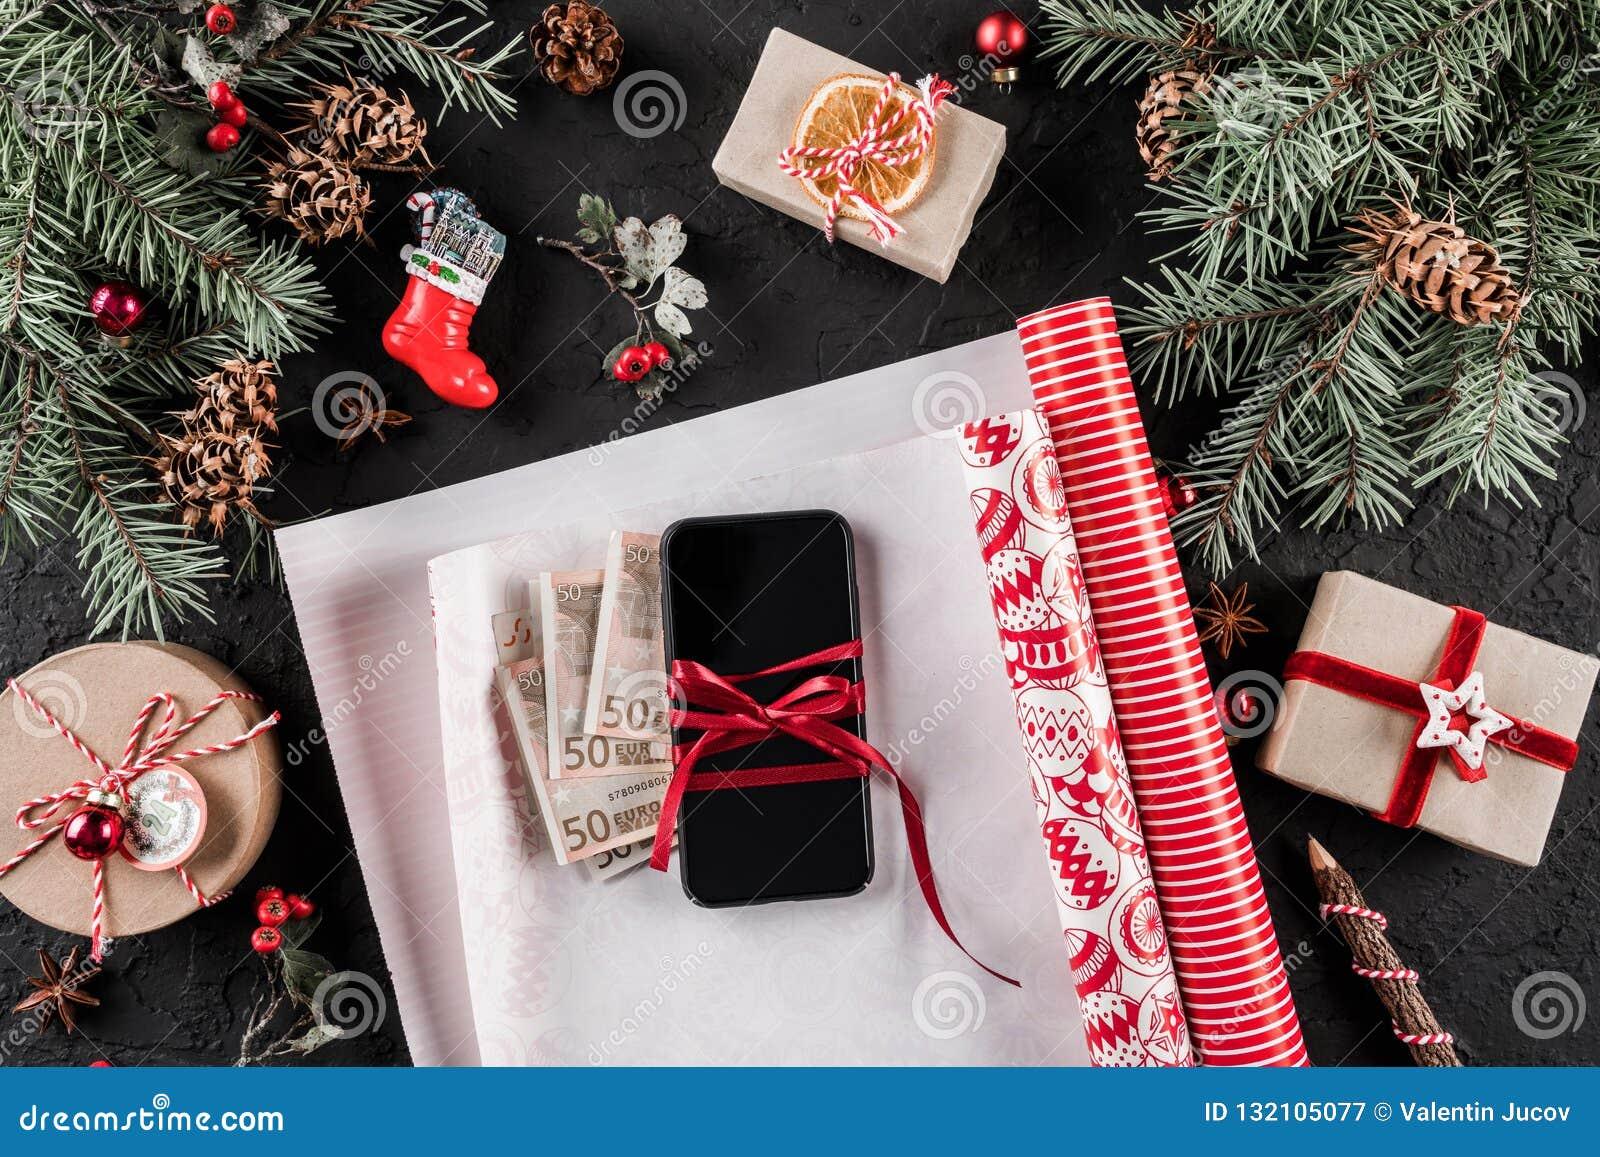 Weihnachtszusammensetzung mit Handy, Geld, einwickelndes Weihnachten, Tannenzweige, Geschenke, rote Dekorationen auf dunklem Hint